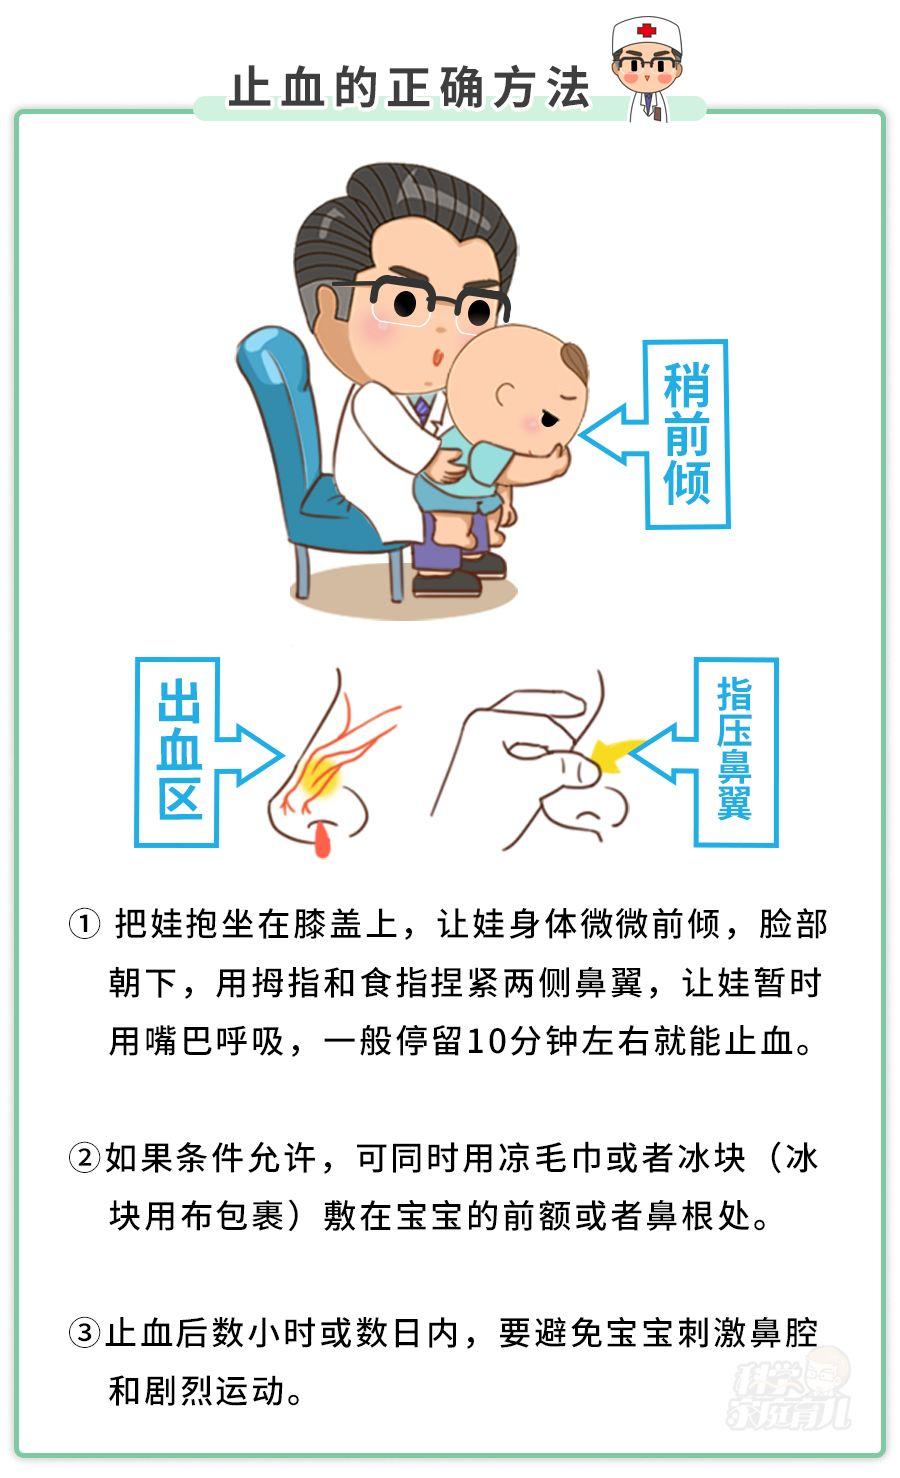 流鼻血怎么办 流鼻血的治疗偏方有哪些 - 中医养生 - 民福康...